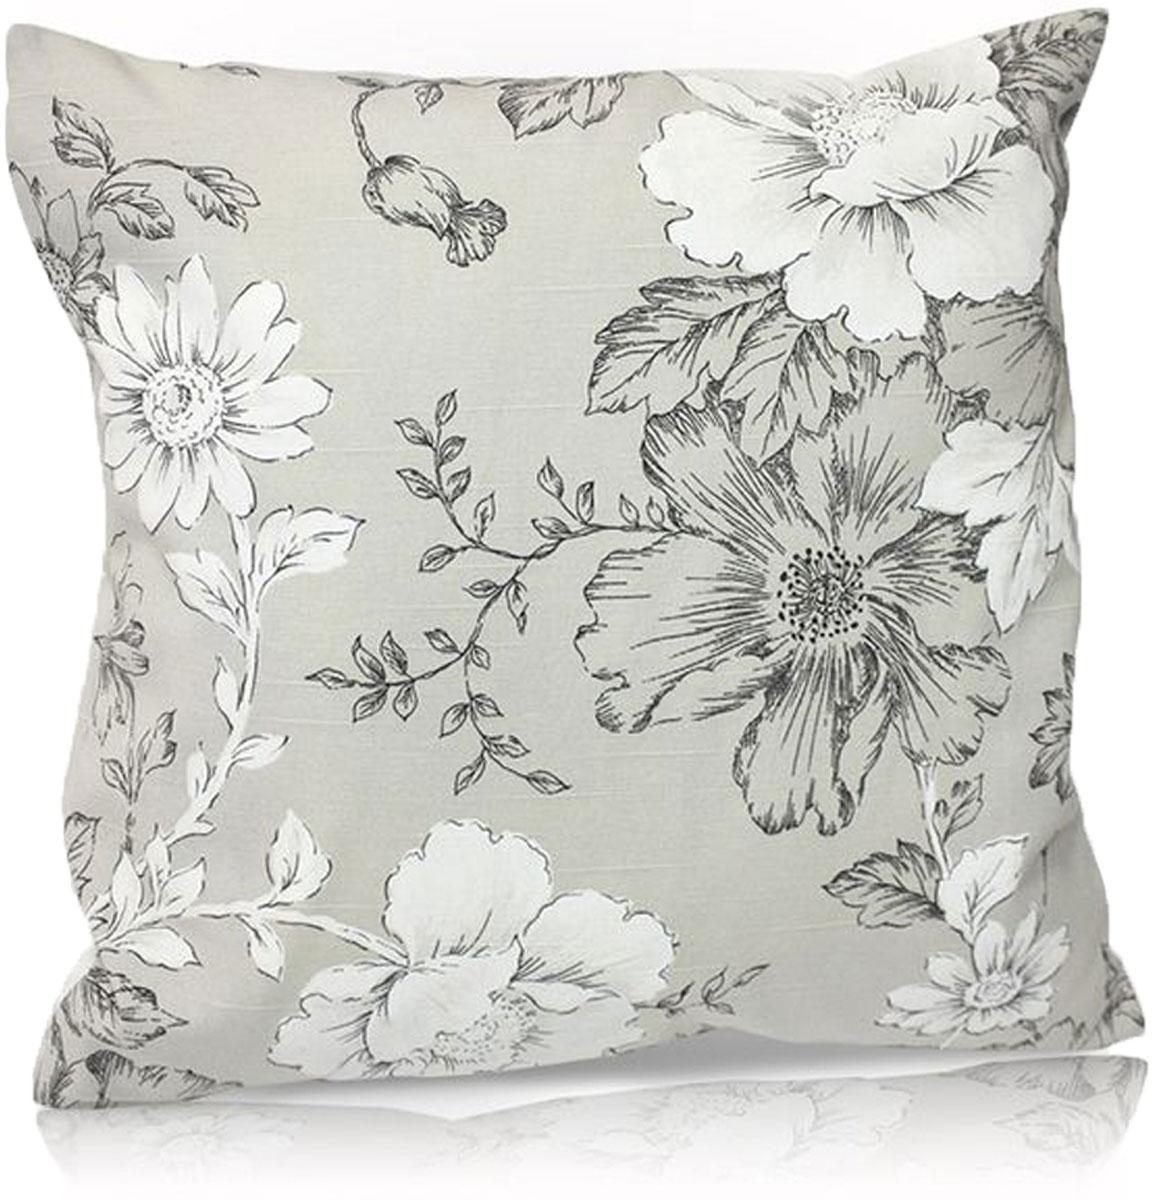 """Декоративная подушка """"KauffOrt """" прекрасно дополнит интерьер спальни или гостиной. Чехол  подушки выполнен из лонеты (55% хлопок, 45% полиэстер). Внутри находится мягкий наполнитель.  Чехол легко снимается  благодаря потайной молнии."""